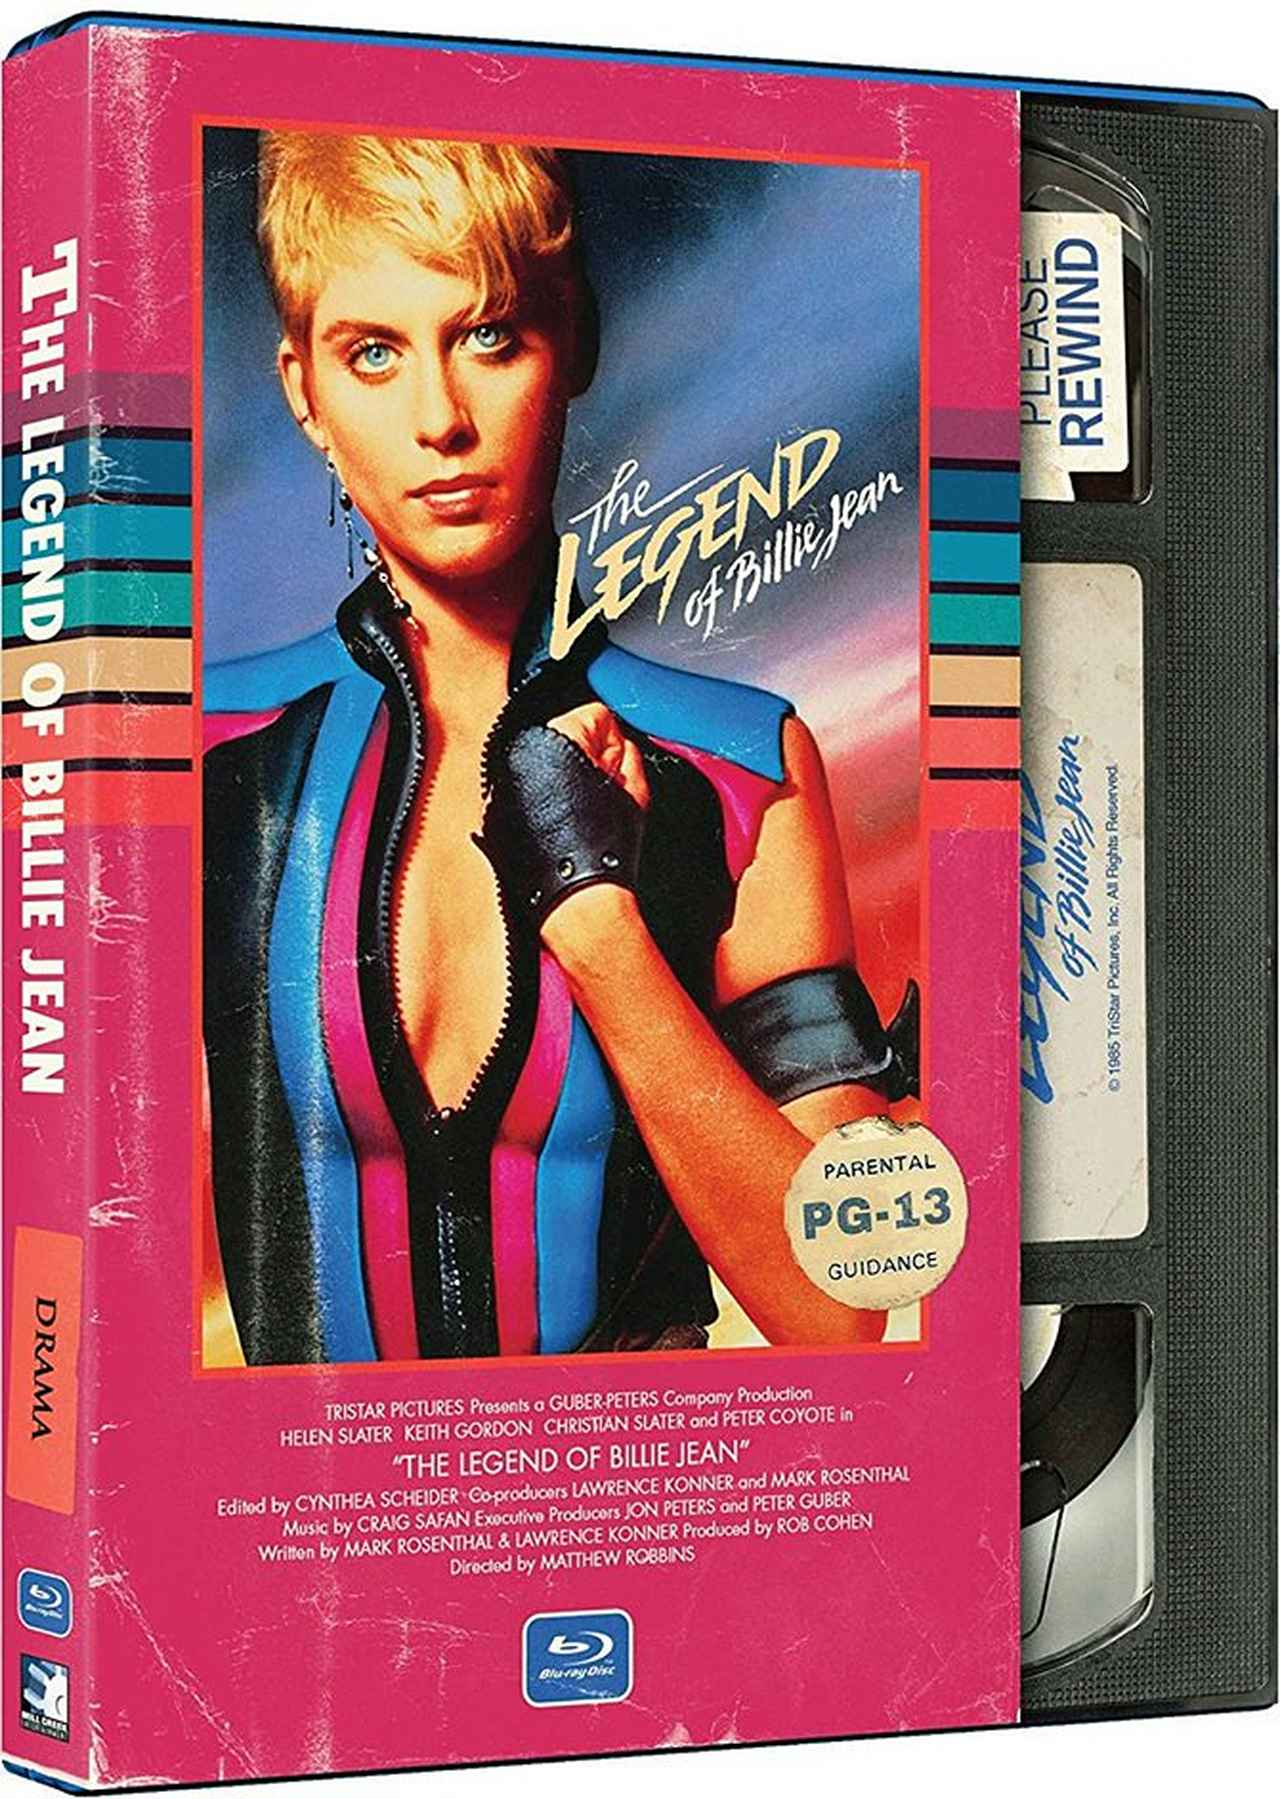 画像: Feb 19, 2019 THE LEGEND OF BILLIE JEAN/ビリー・ジーンの伝説 (1985) 監督マシュー・ロビンス:主演ヘレン・スレイター 国内BLU-RAY/DVD未発売